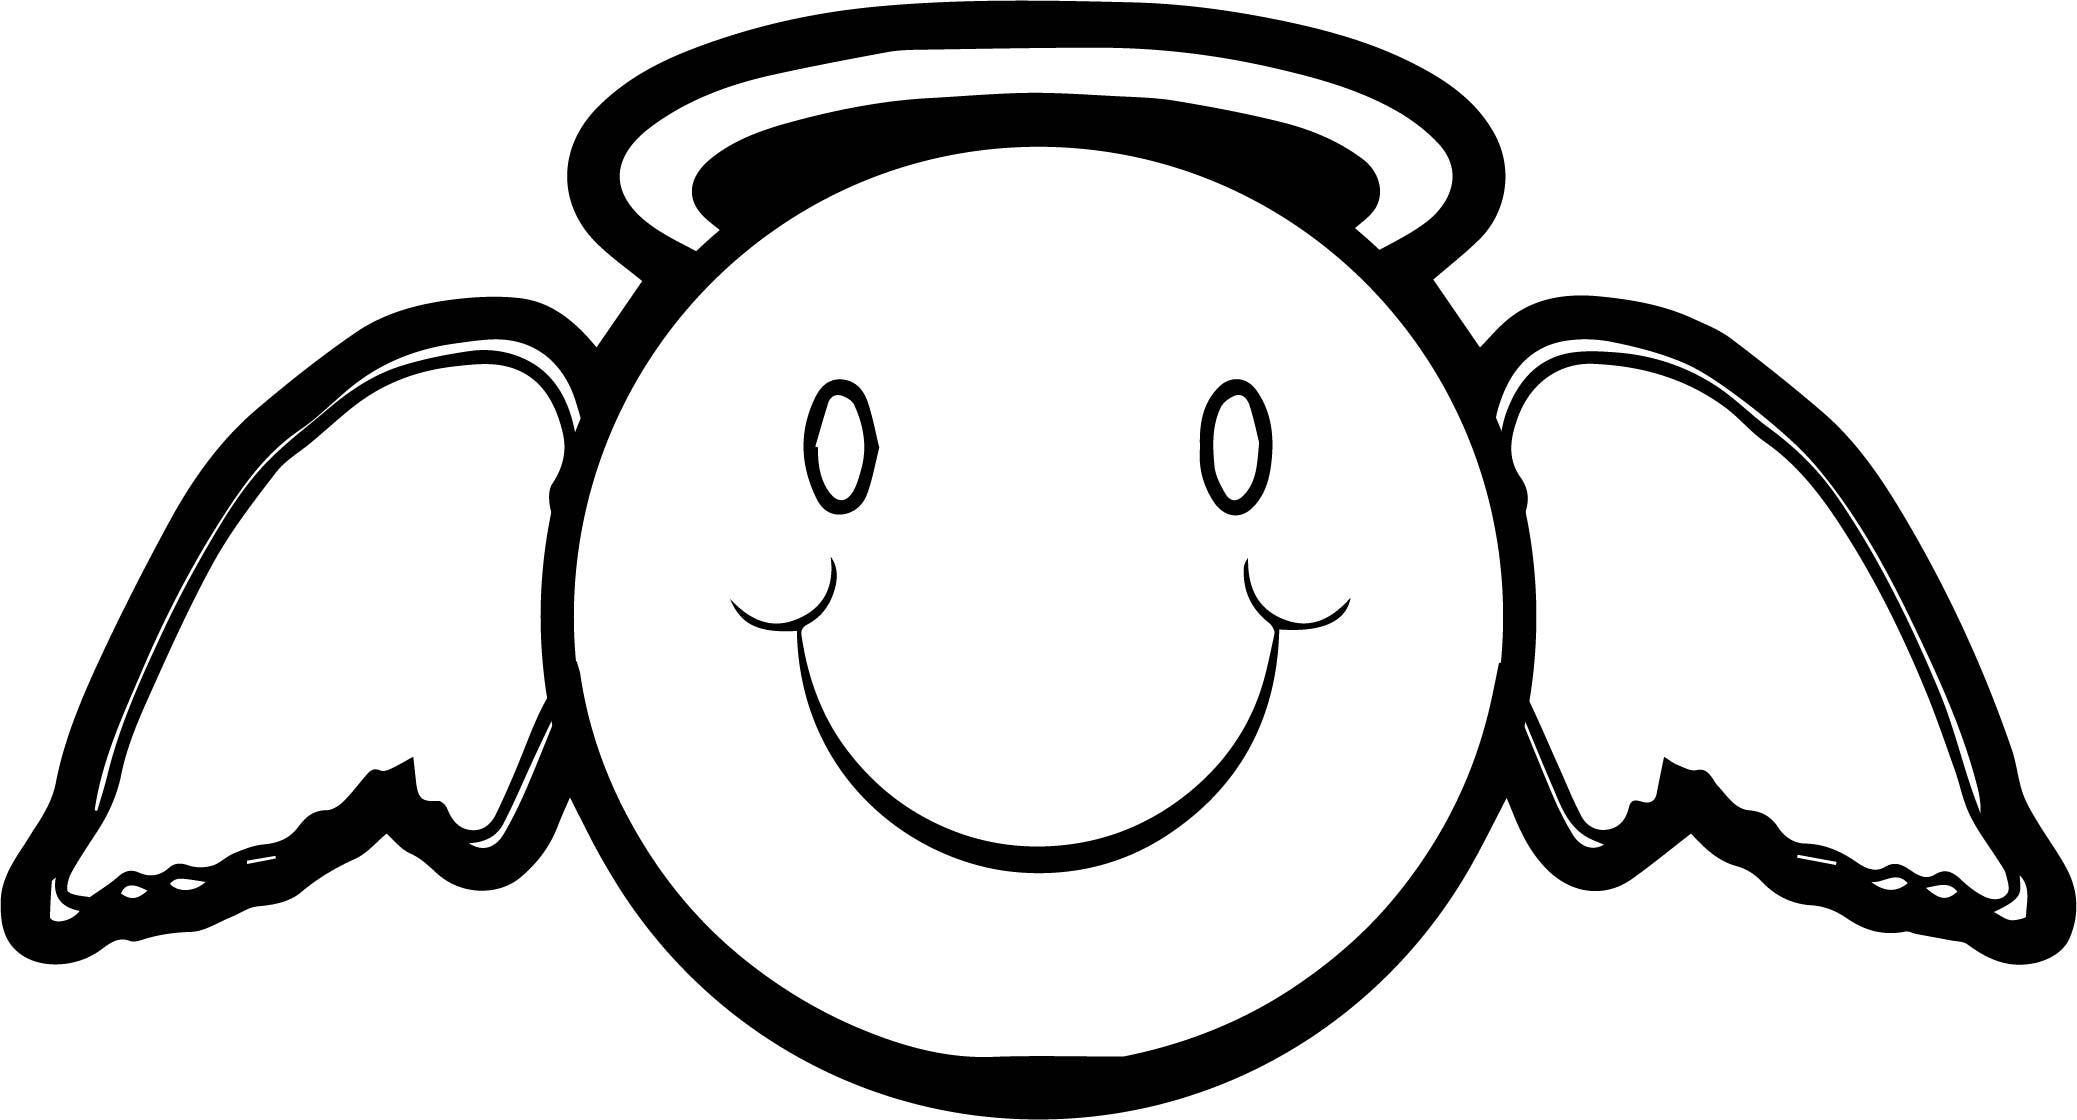 Cool Emology Smiley Emoticon Angel Man Coloring Page